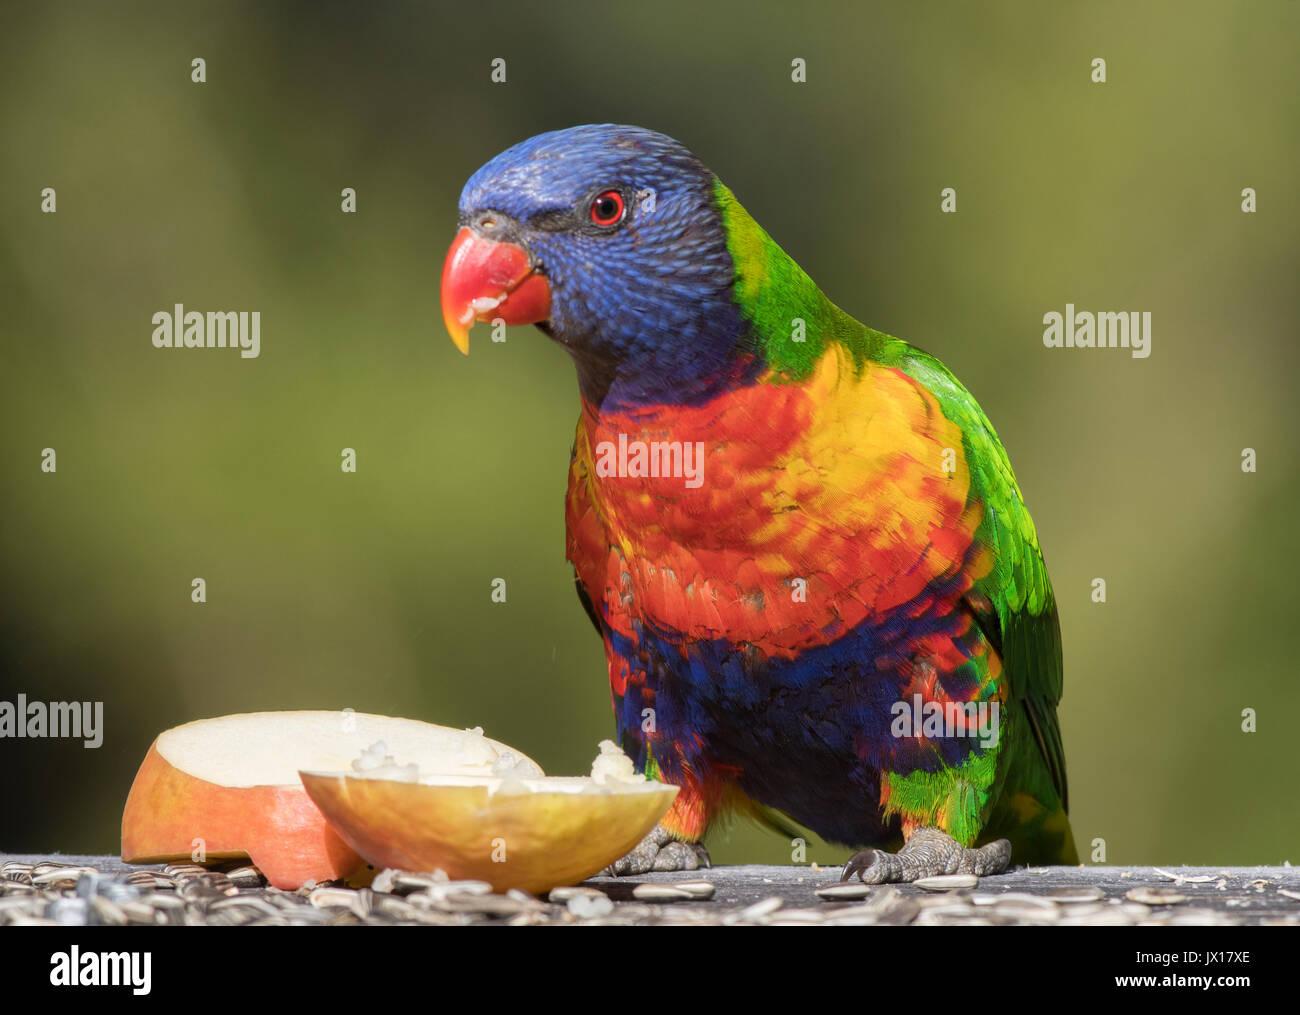 Rainbow loriquets verts peuvent être trouvés à travers l'Australie, ces oiseaux sont très vivement colorées apprivoiser et peut être trouvé sur divers Australian les étiquettes des produits. Photo Stock